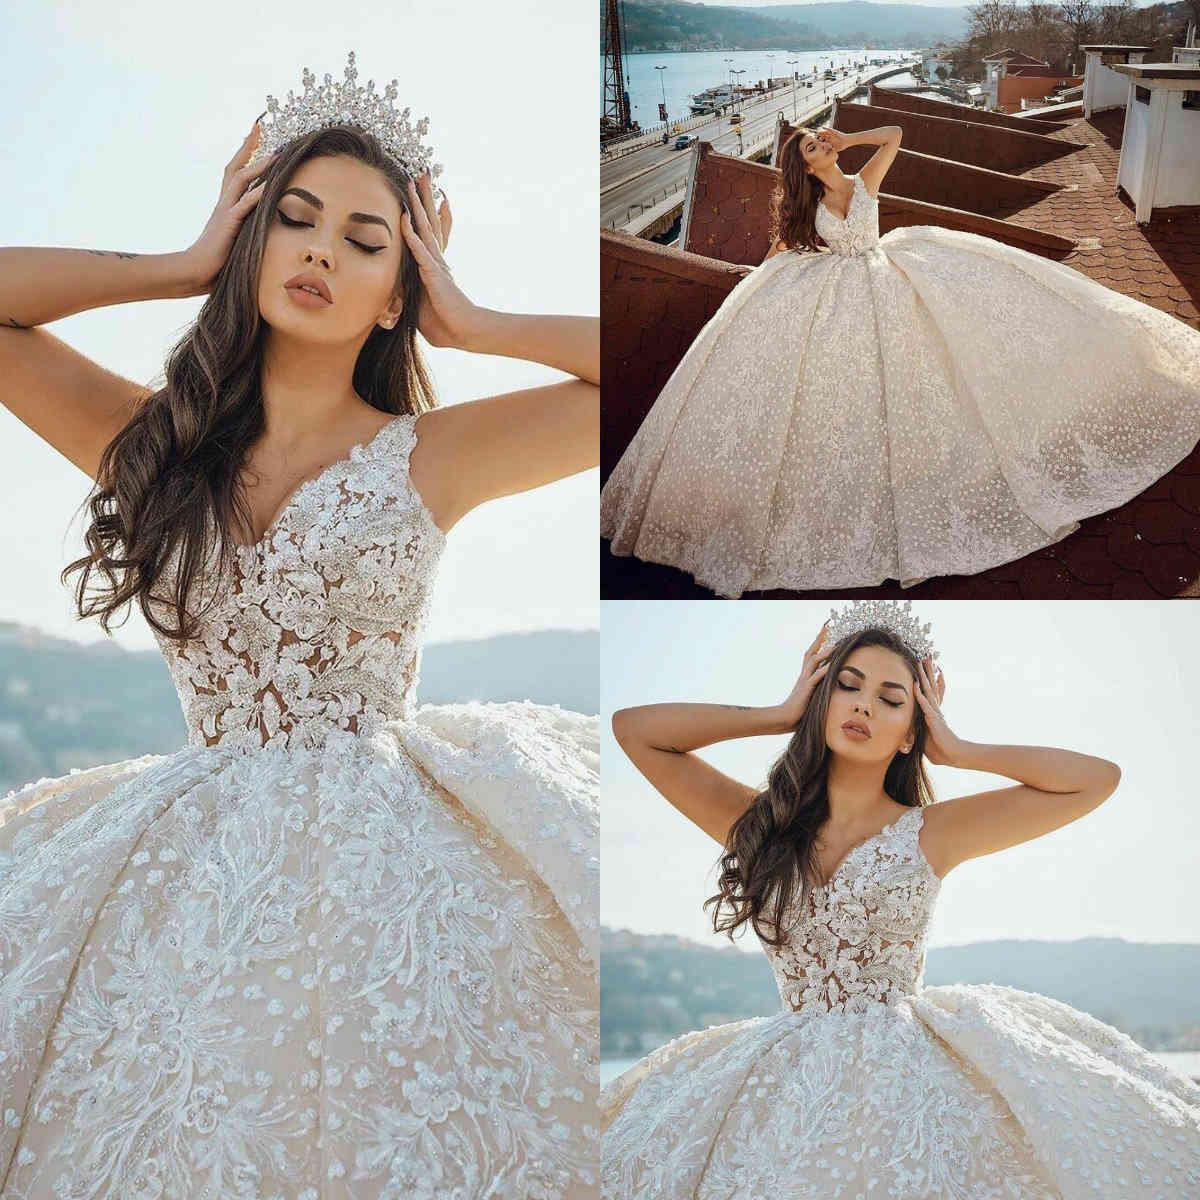 Robe d'arabe robe de luxe Robes de mariée de luxe 2021 Perles appliquées Perles Plus Taille Robes de mariée Vol V Le cou Personnaliser Vestido de Novia